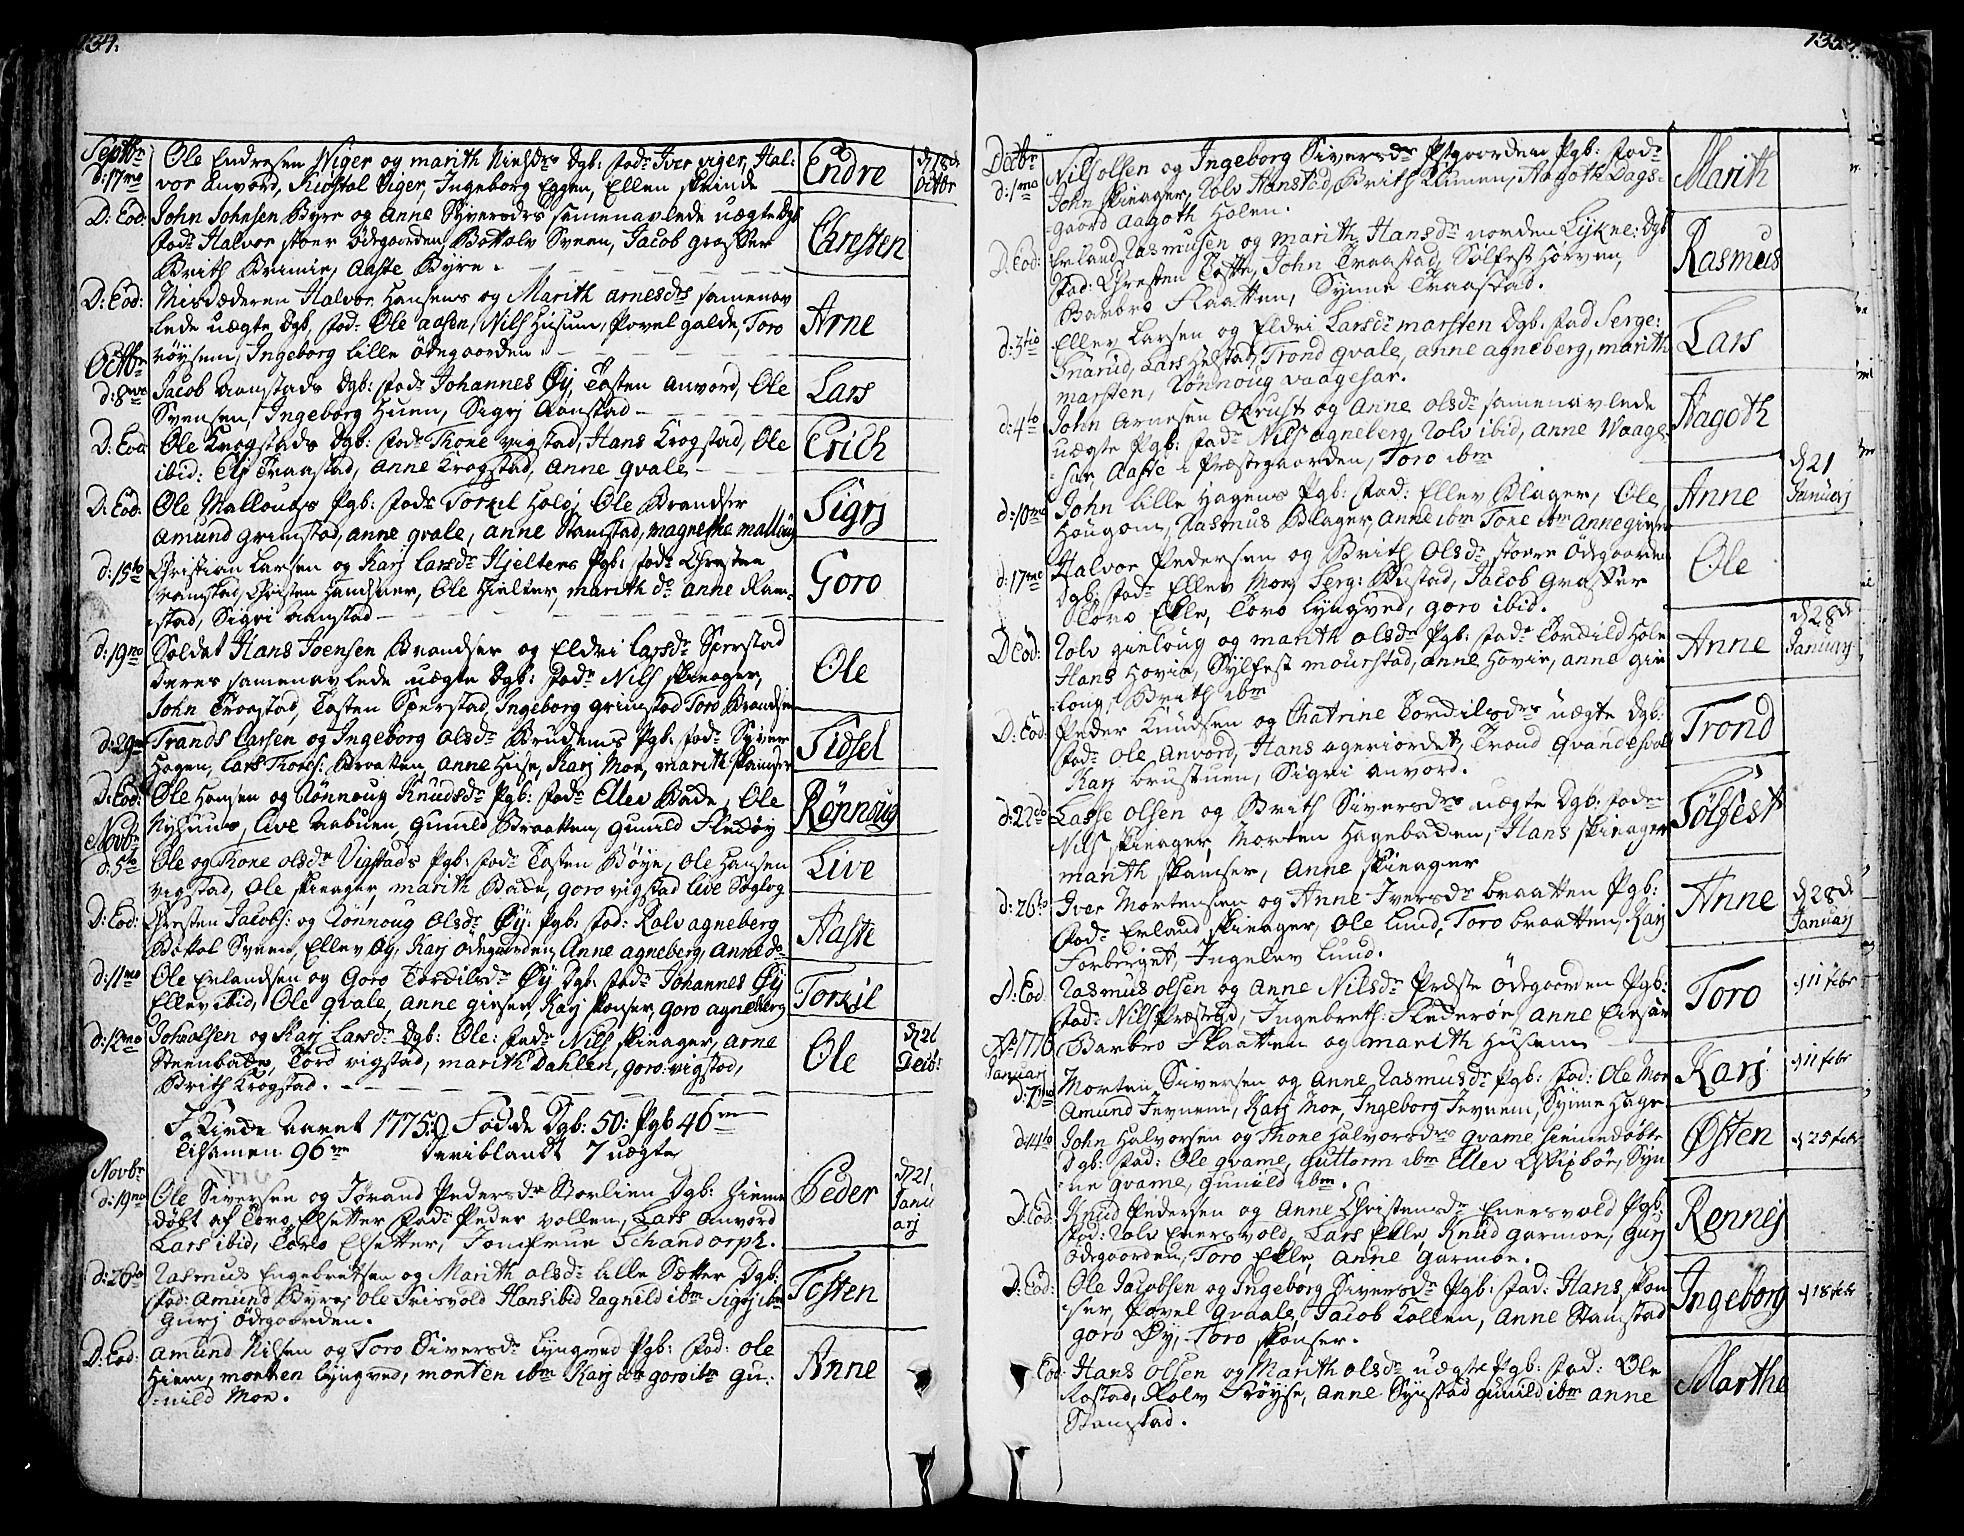 SAH, Lom prestekontor, K/L0002: Ministerialbok nr. 2, 1749-1801, s. 134-135